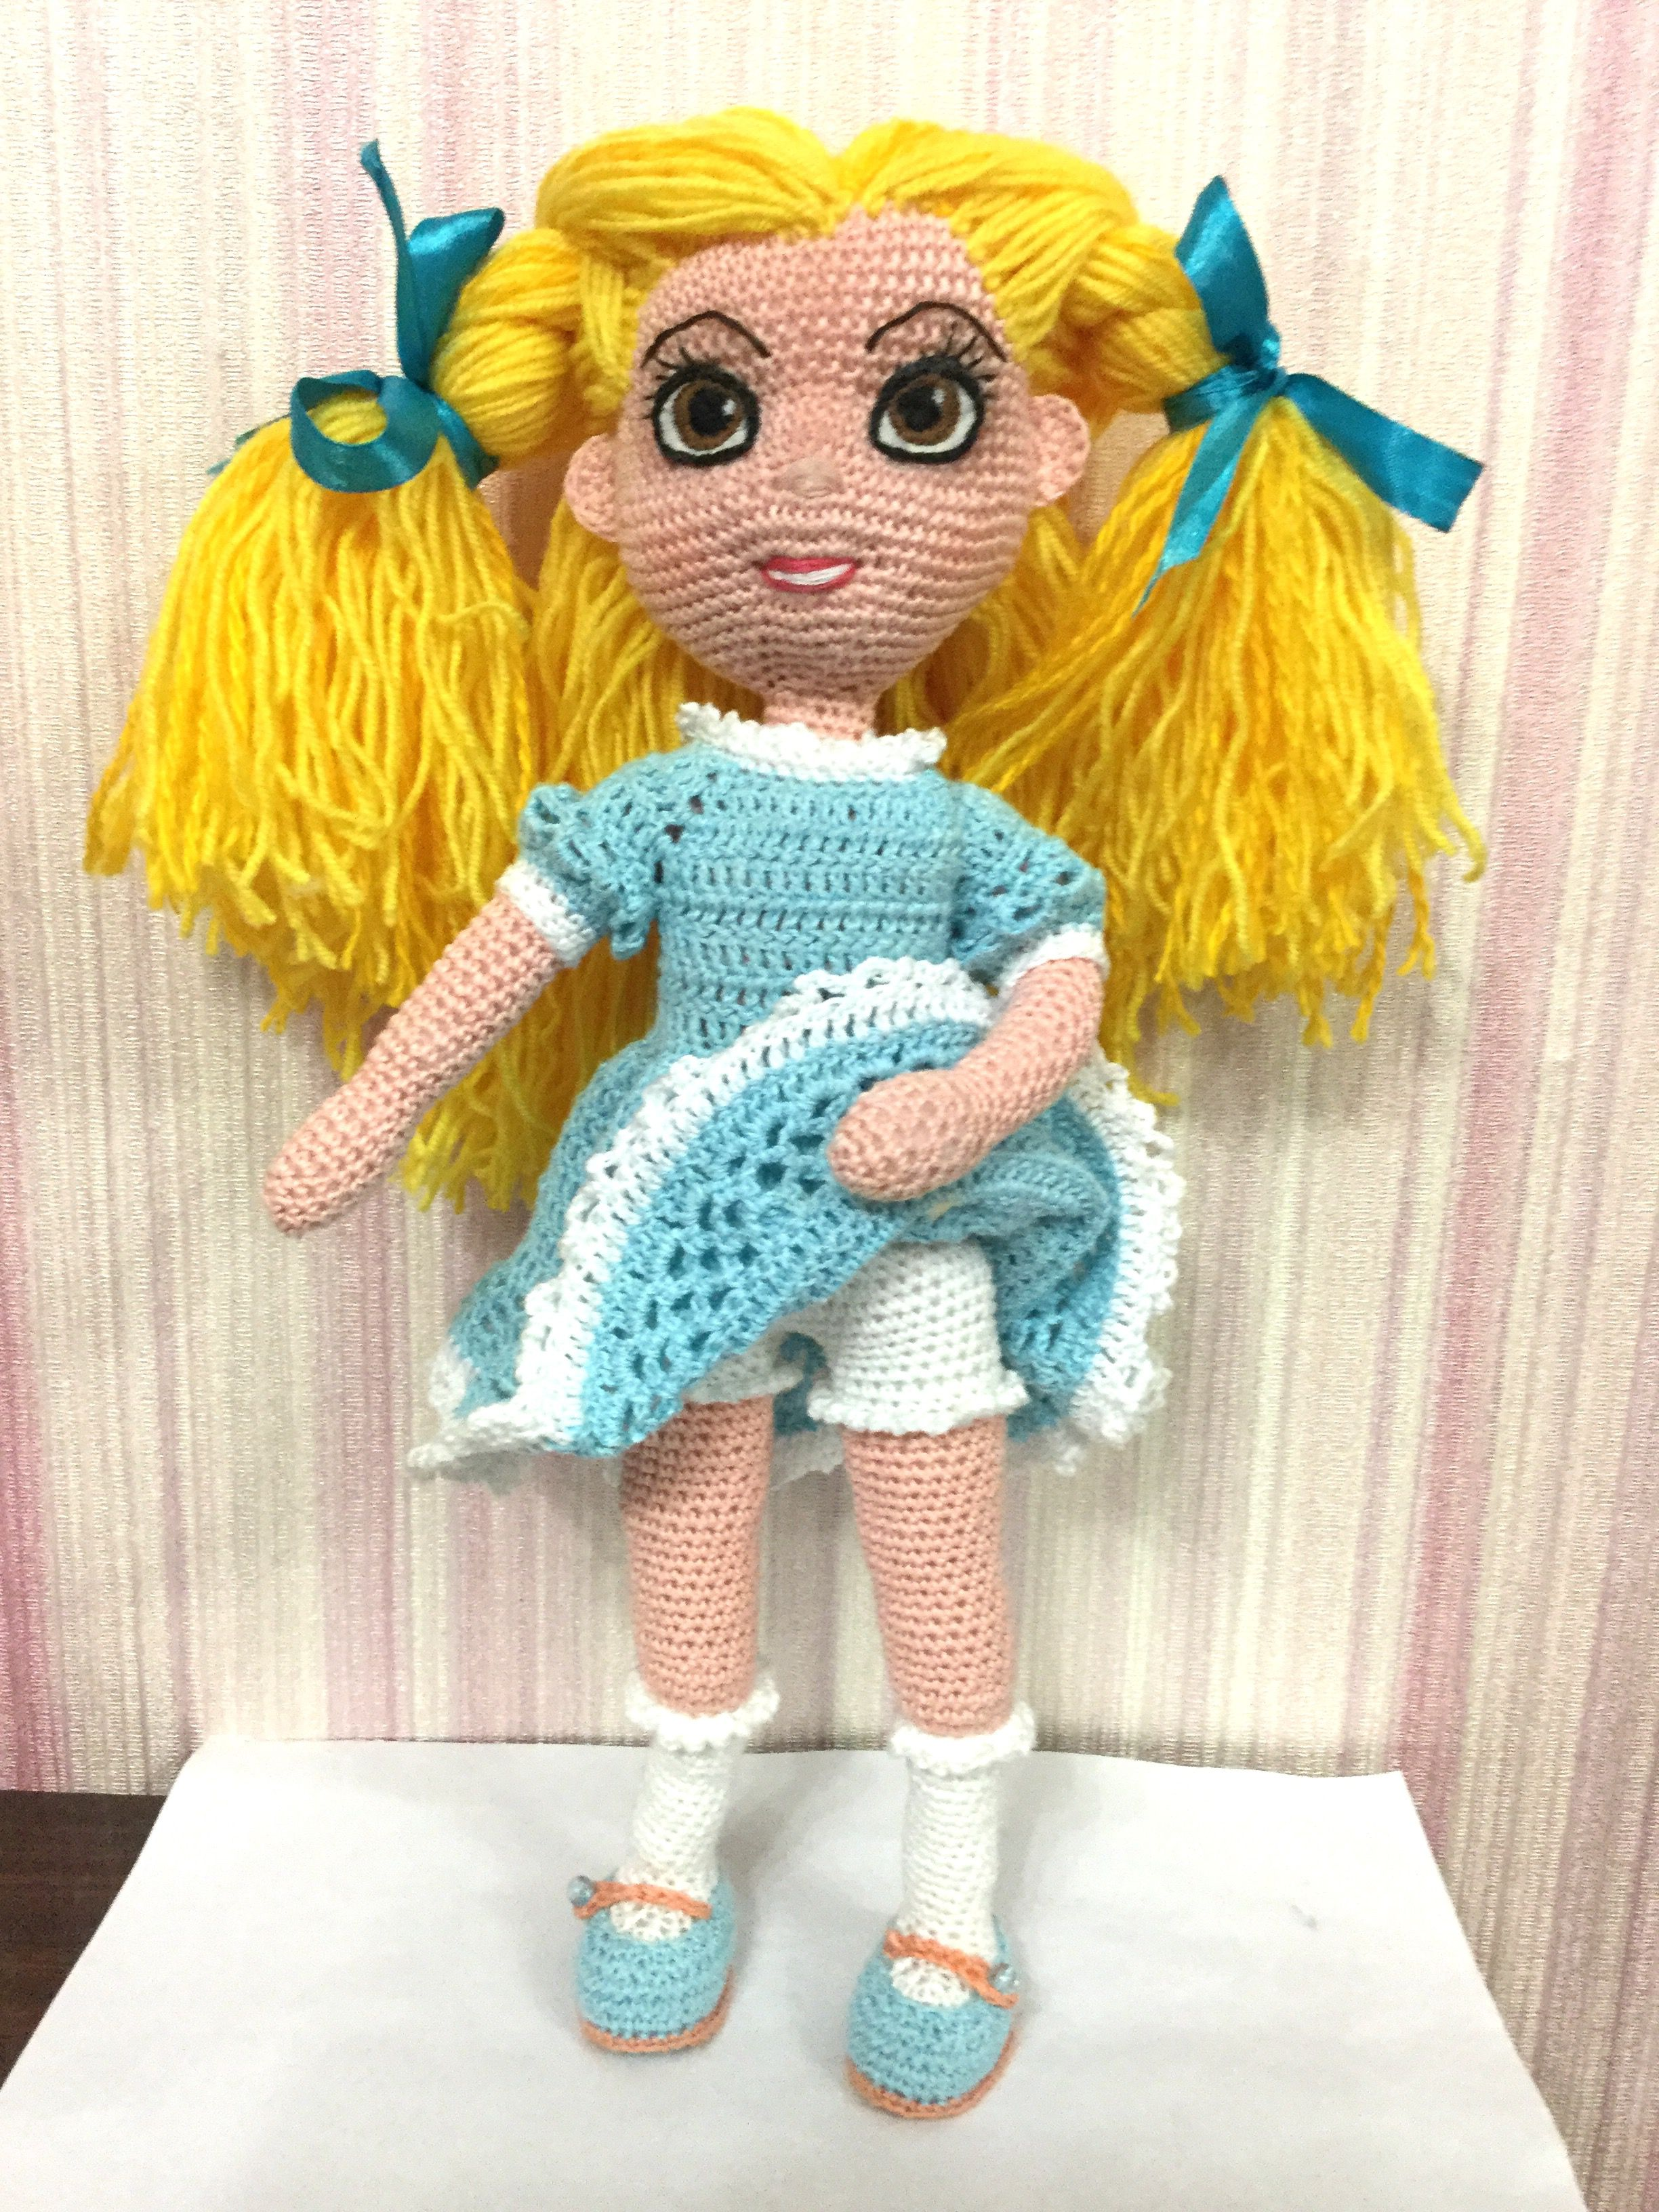 крючкомамигурумиподарок куклакукла вязаная девочкедети